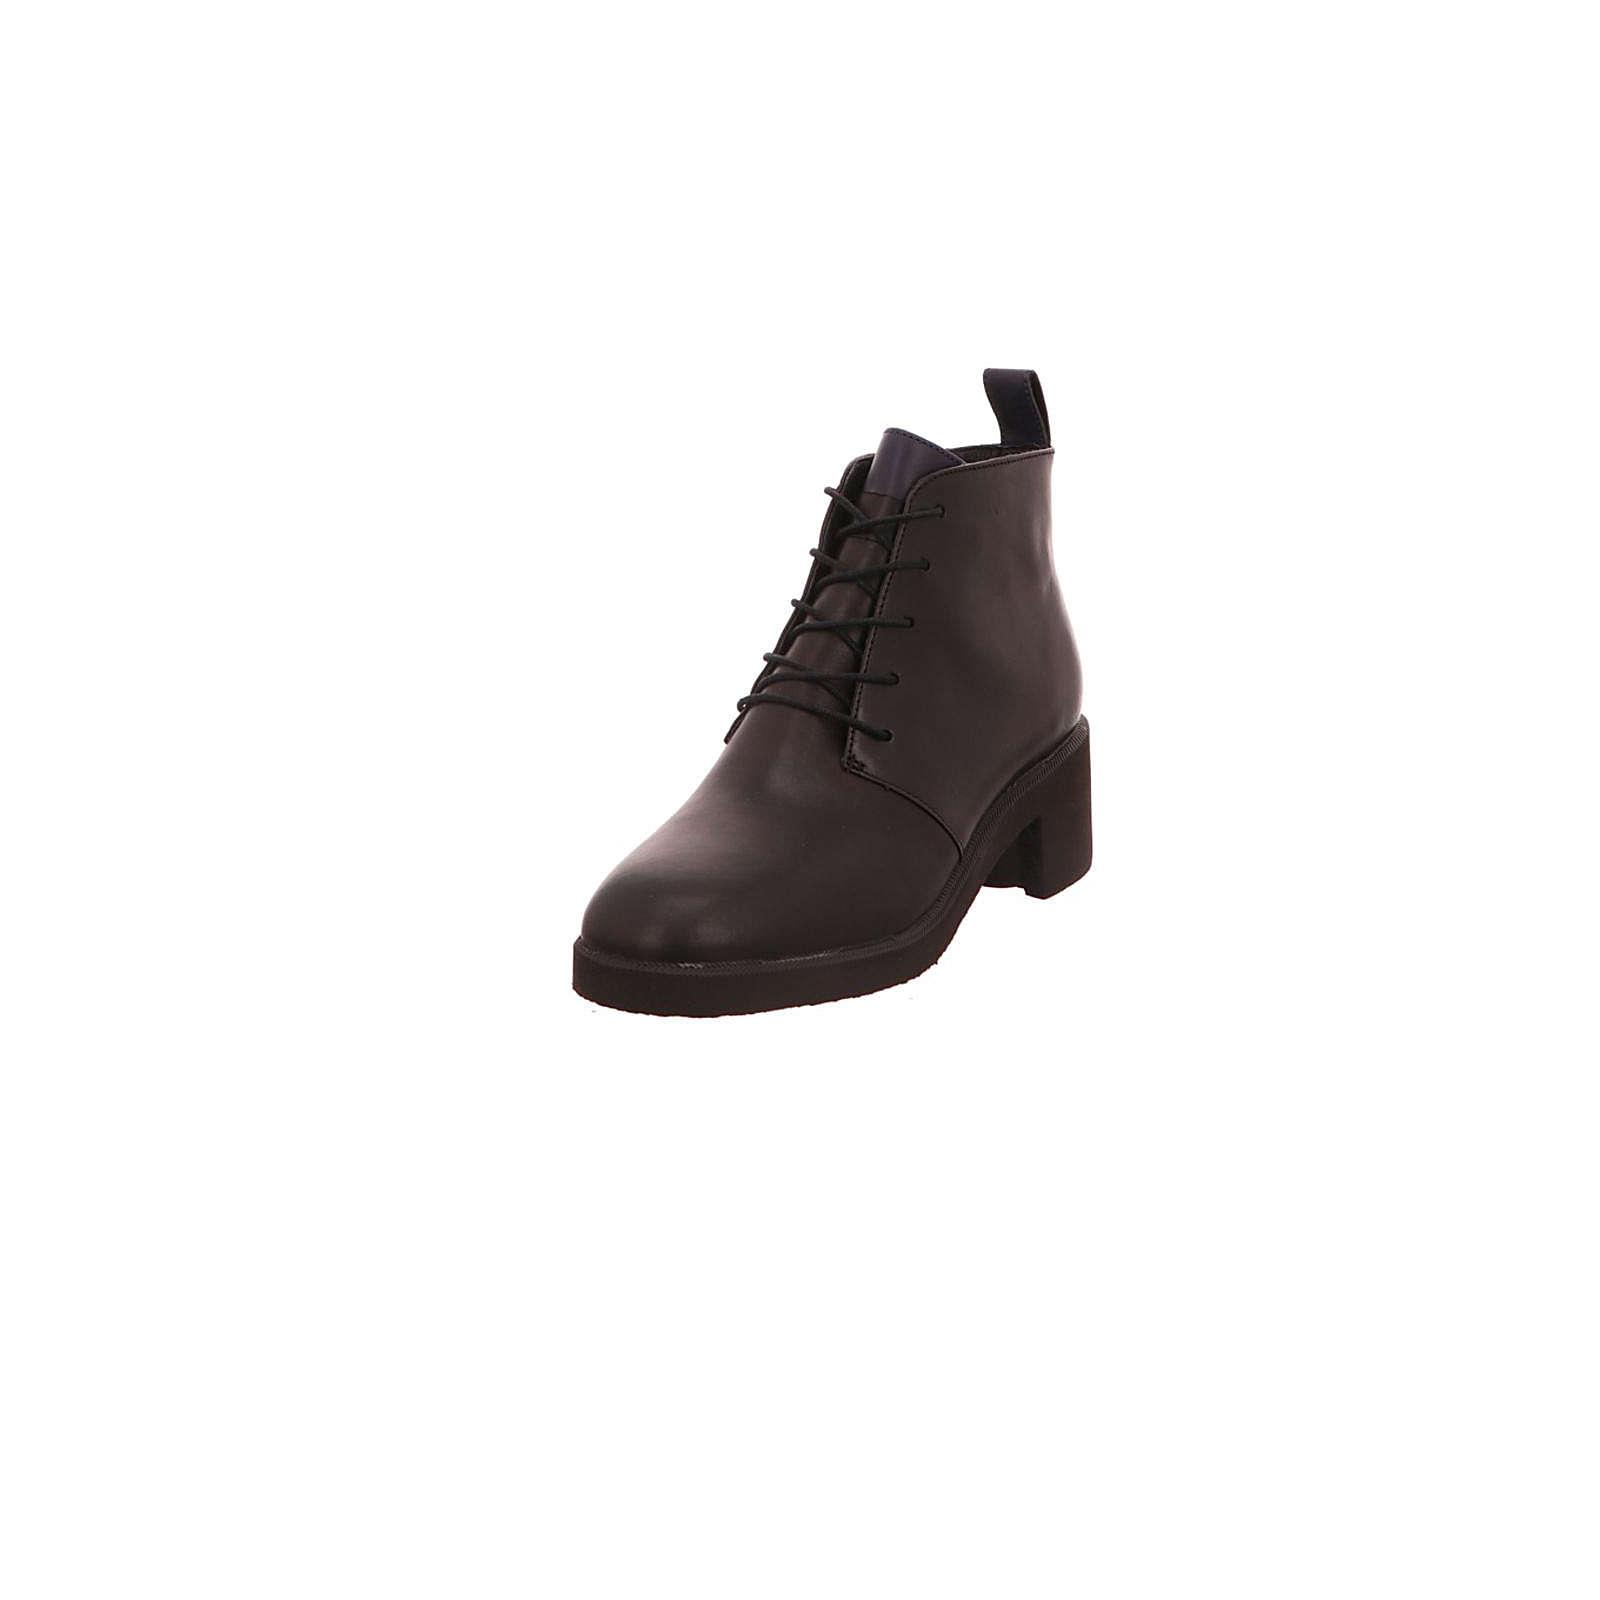 CAMPER Stiefel schwarz Klassische Stiefeletten schwarz Damen Gr. 41